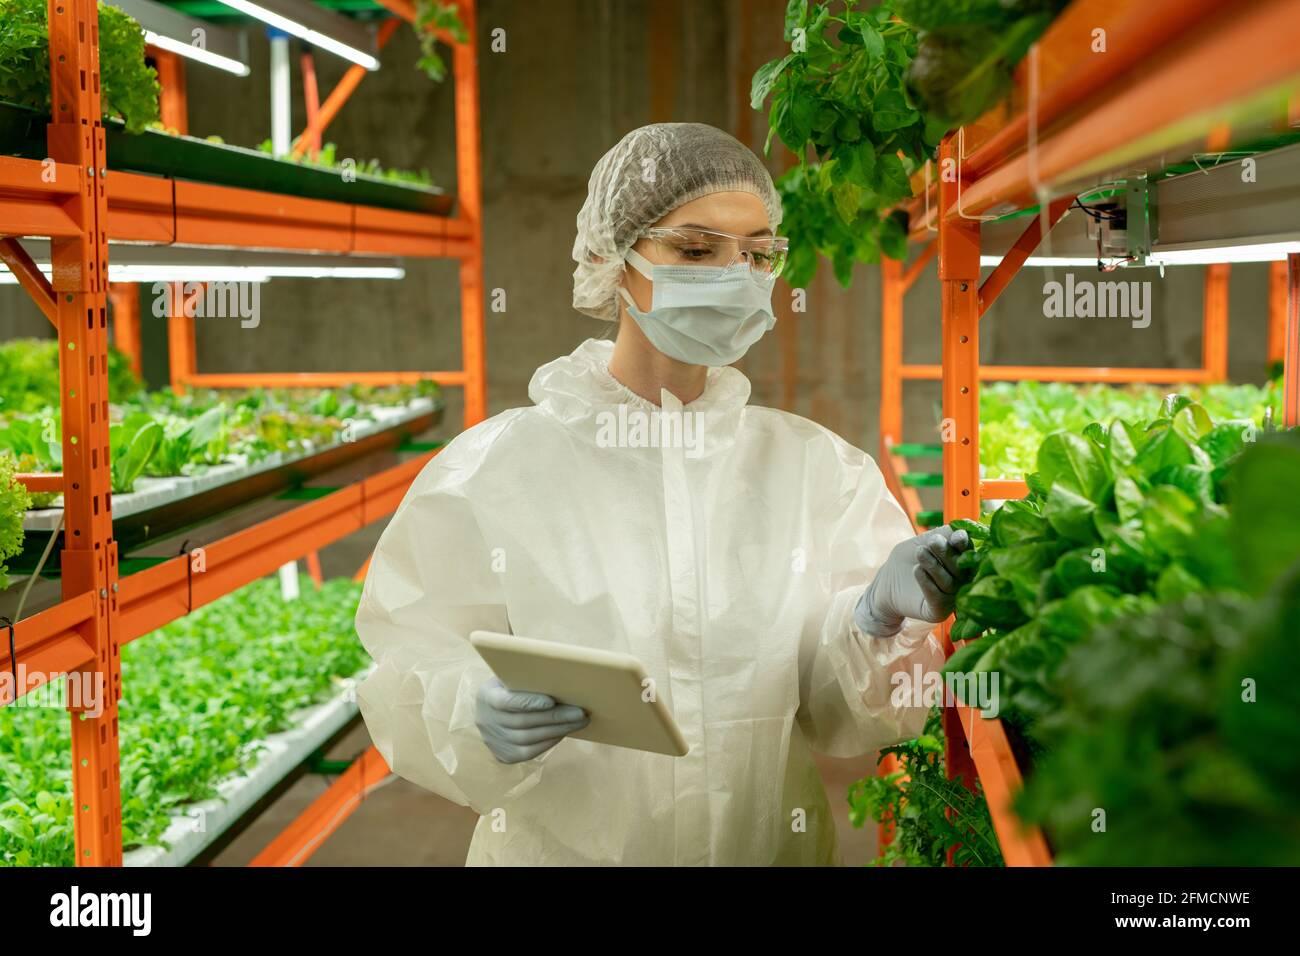 Jeune ouvrier de serre en costume de protection, masque et lunettes de sécurité tenant un comprimé et vérifiant les feuilles de légumes verts sur ferme verticale Banque D'Images